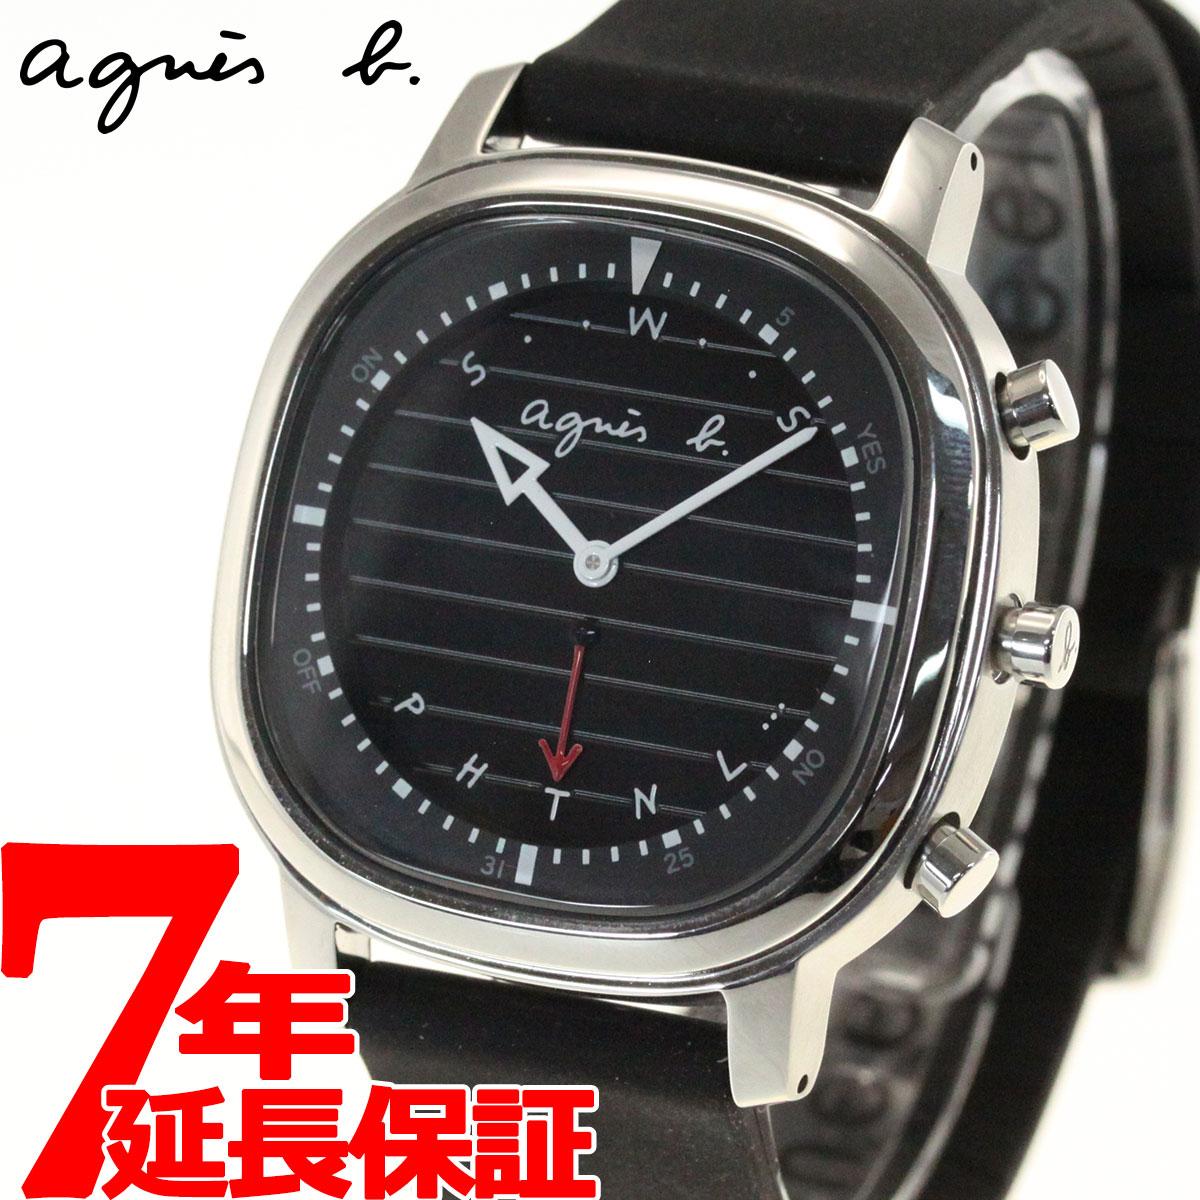 腕時計, メンズ腕時計 2000OFF58.5 Bluetooth agnes b. Bon Voyage FCRB4022020